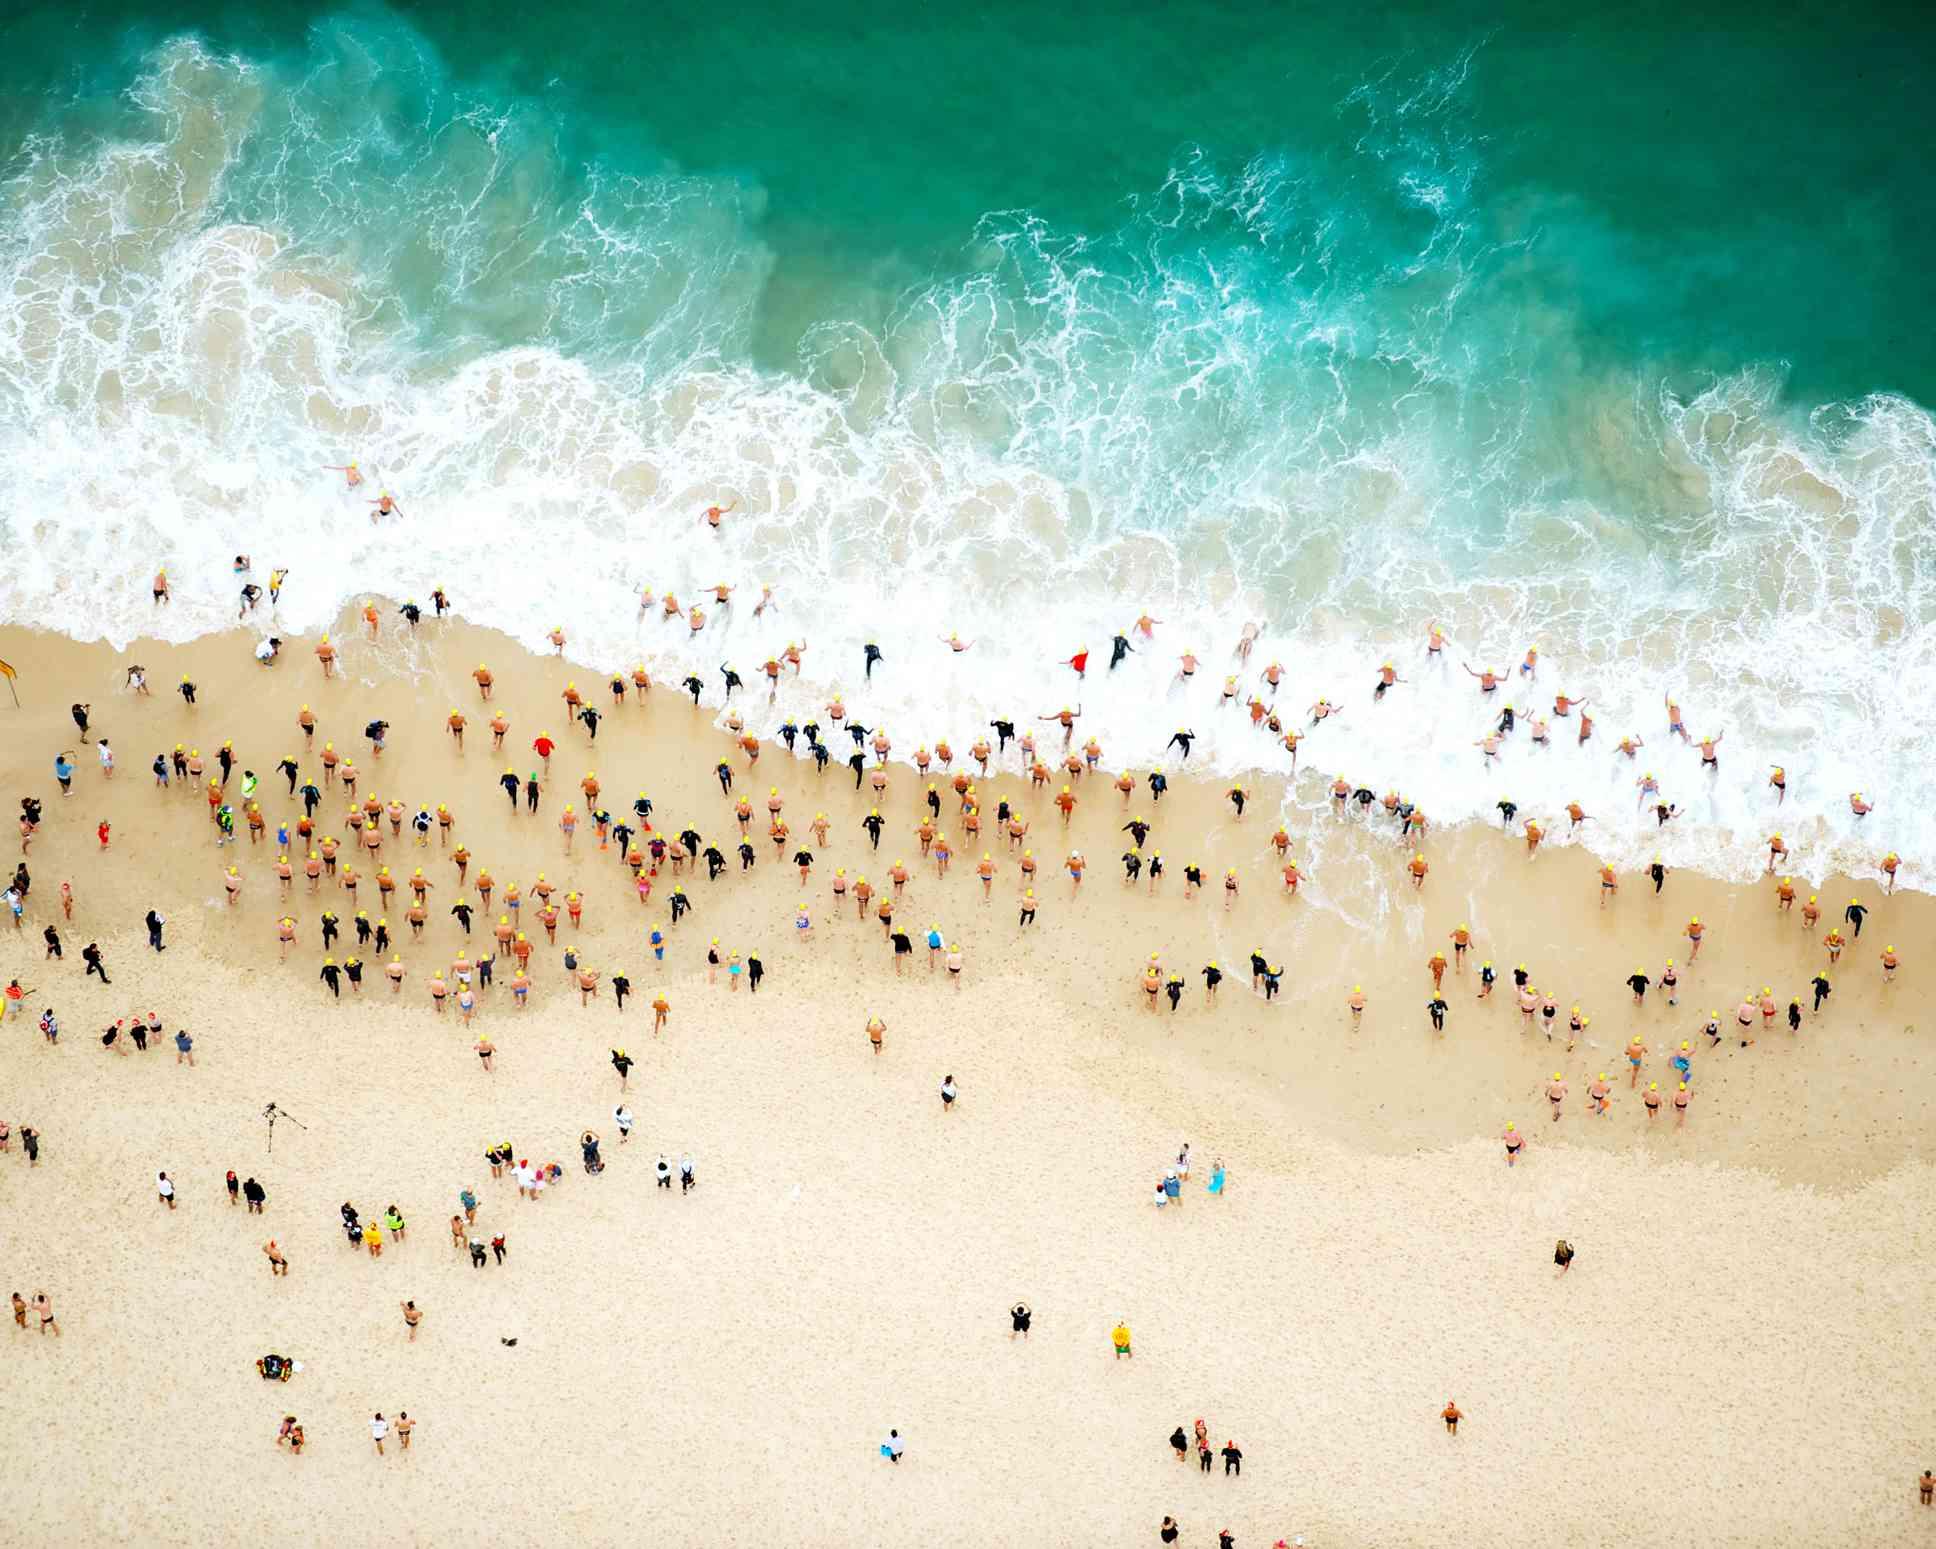 vista aérea de personas en la playa y en el océano